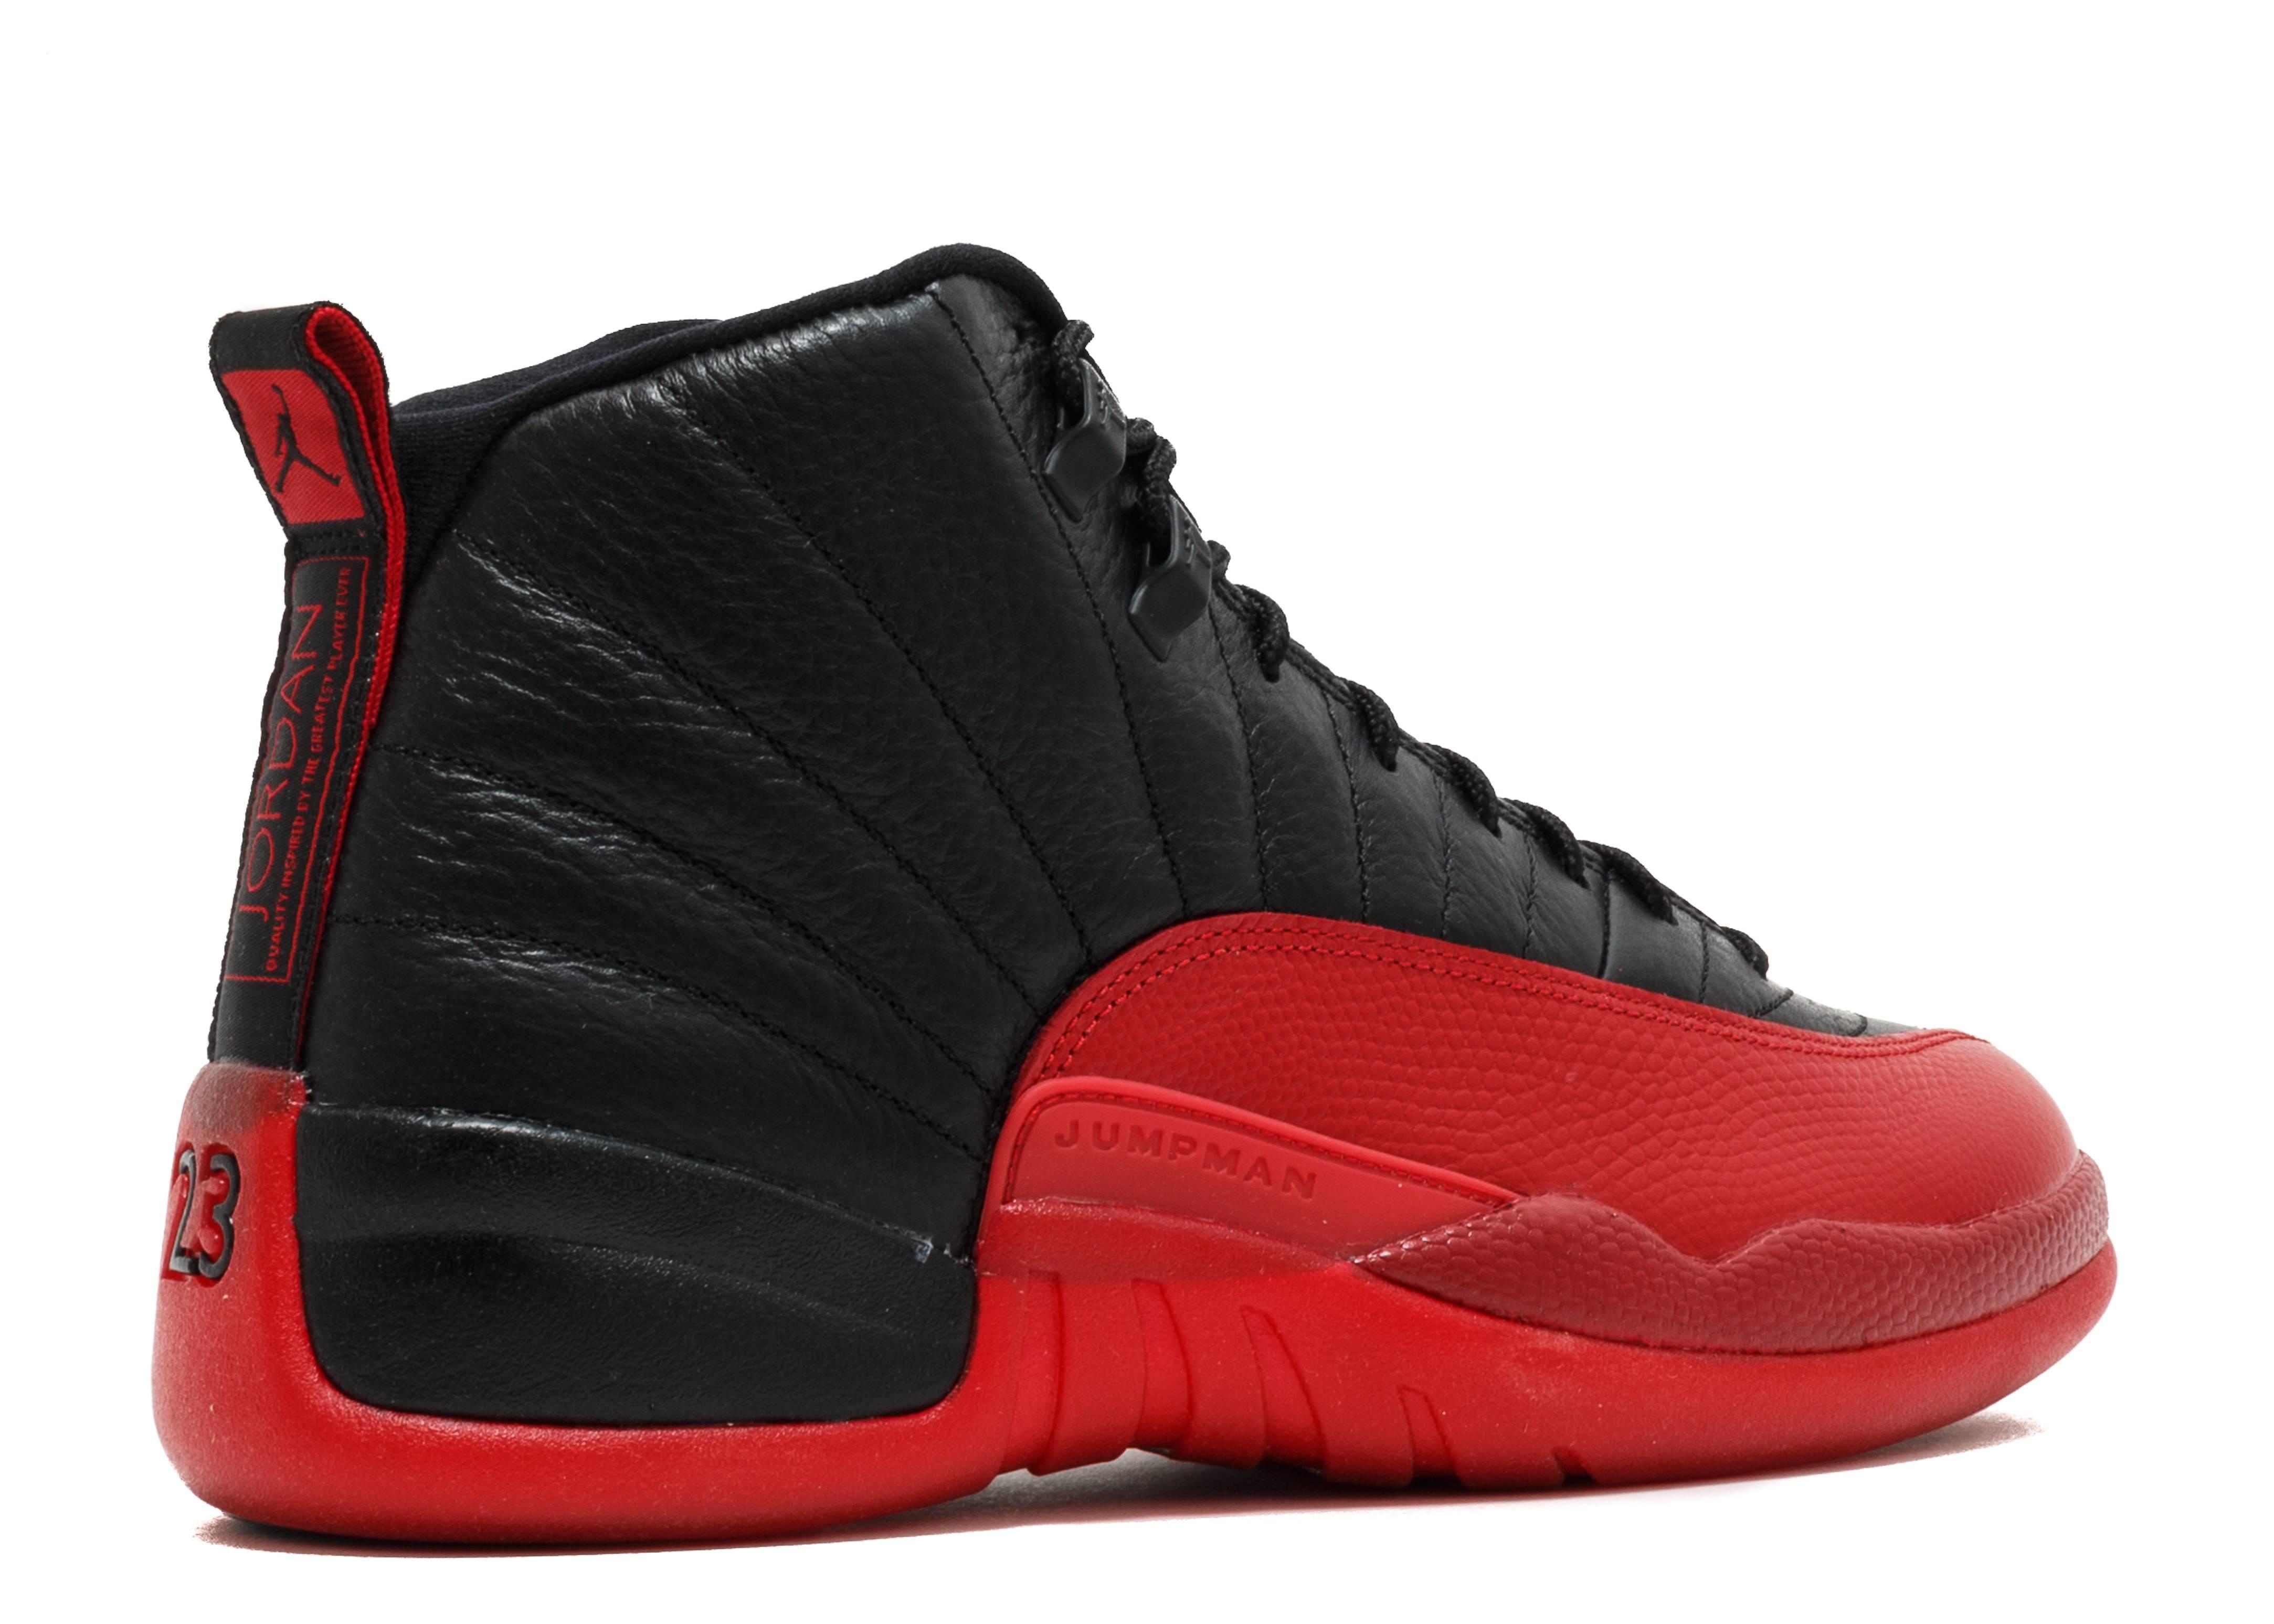 Air Jordan 12 Black Red